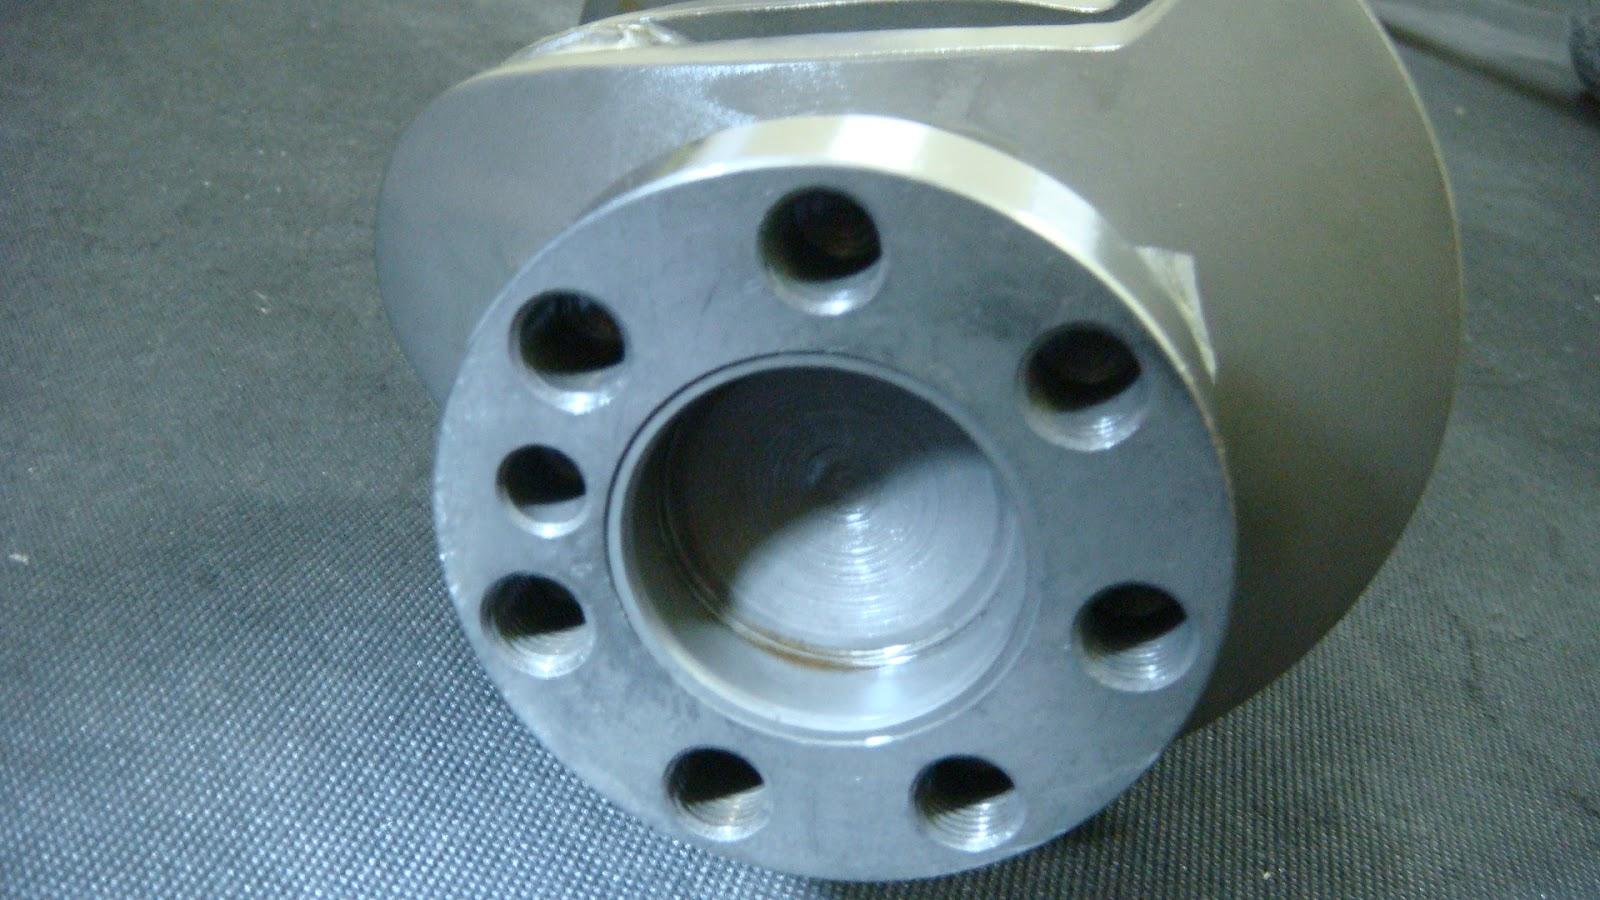 myitems: Evo 1-9 4G63/4g64 7-Bolt stroker crankshaft